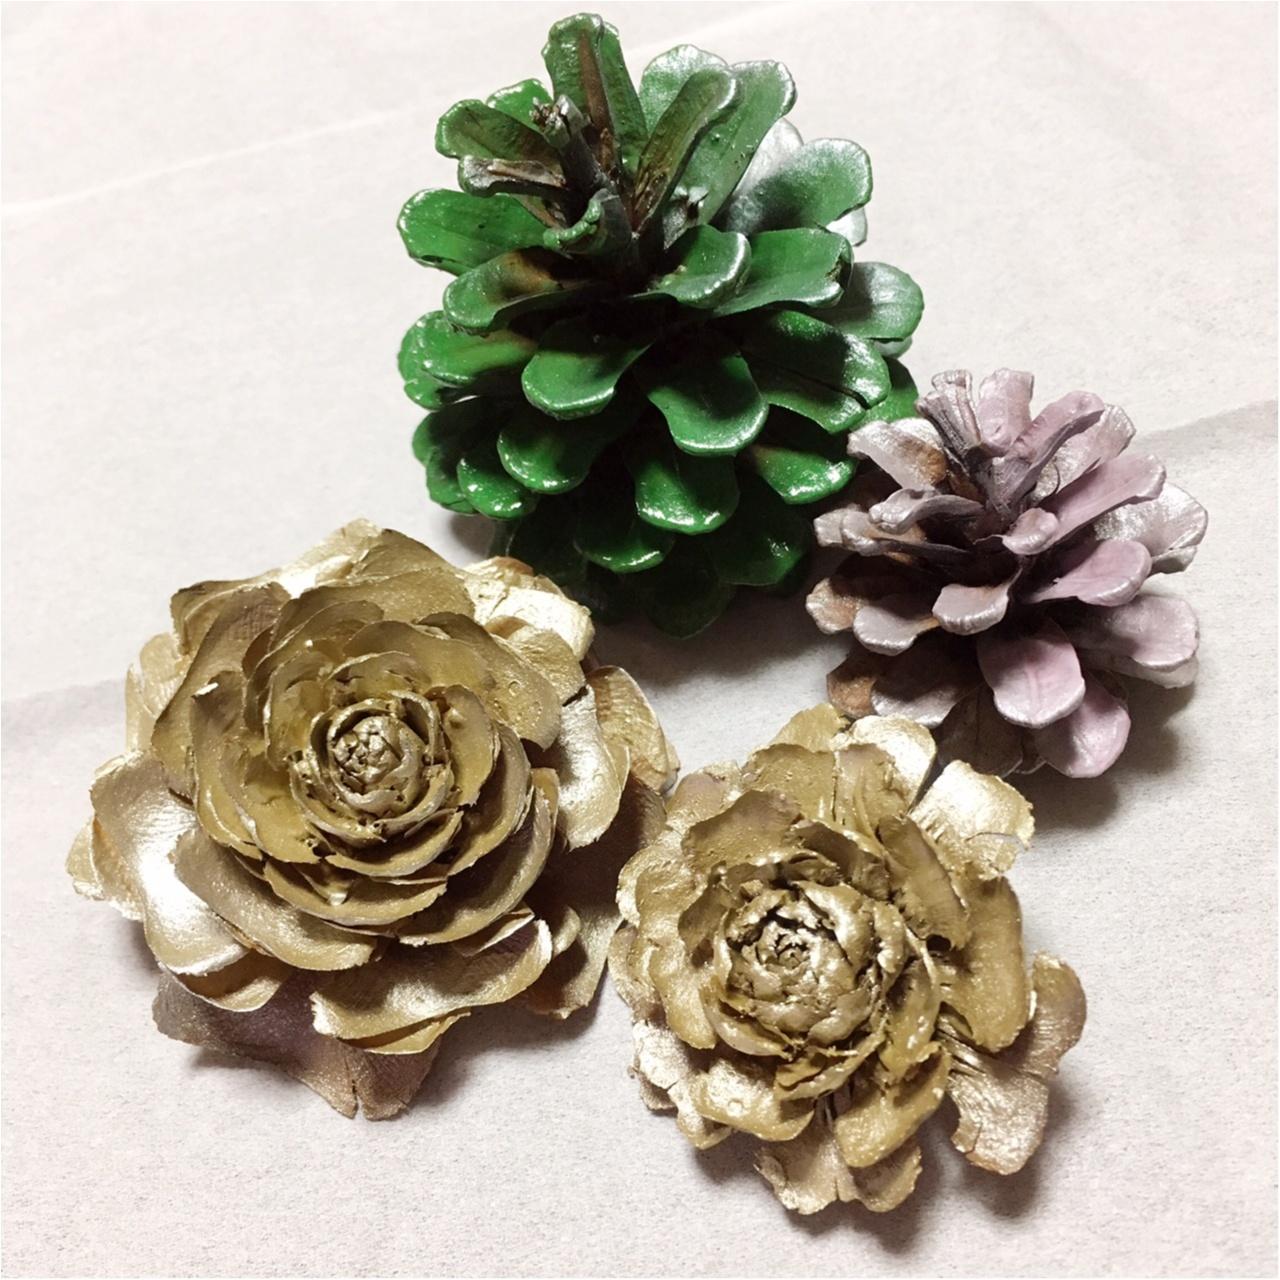 クリスマスにぴったり♡薔薇の形をした天然の松ぼっくり『シダーローズ』をあなたはご存知ですか?_1